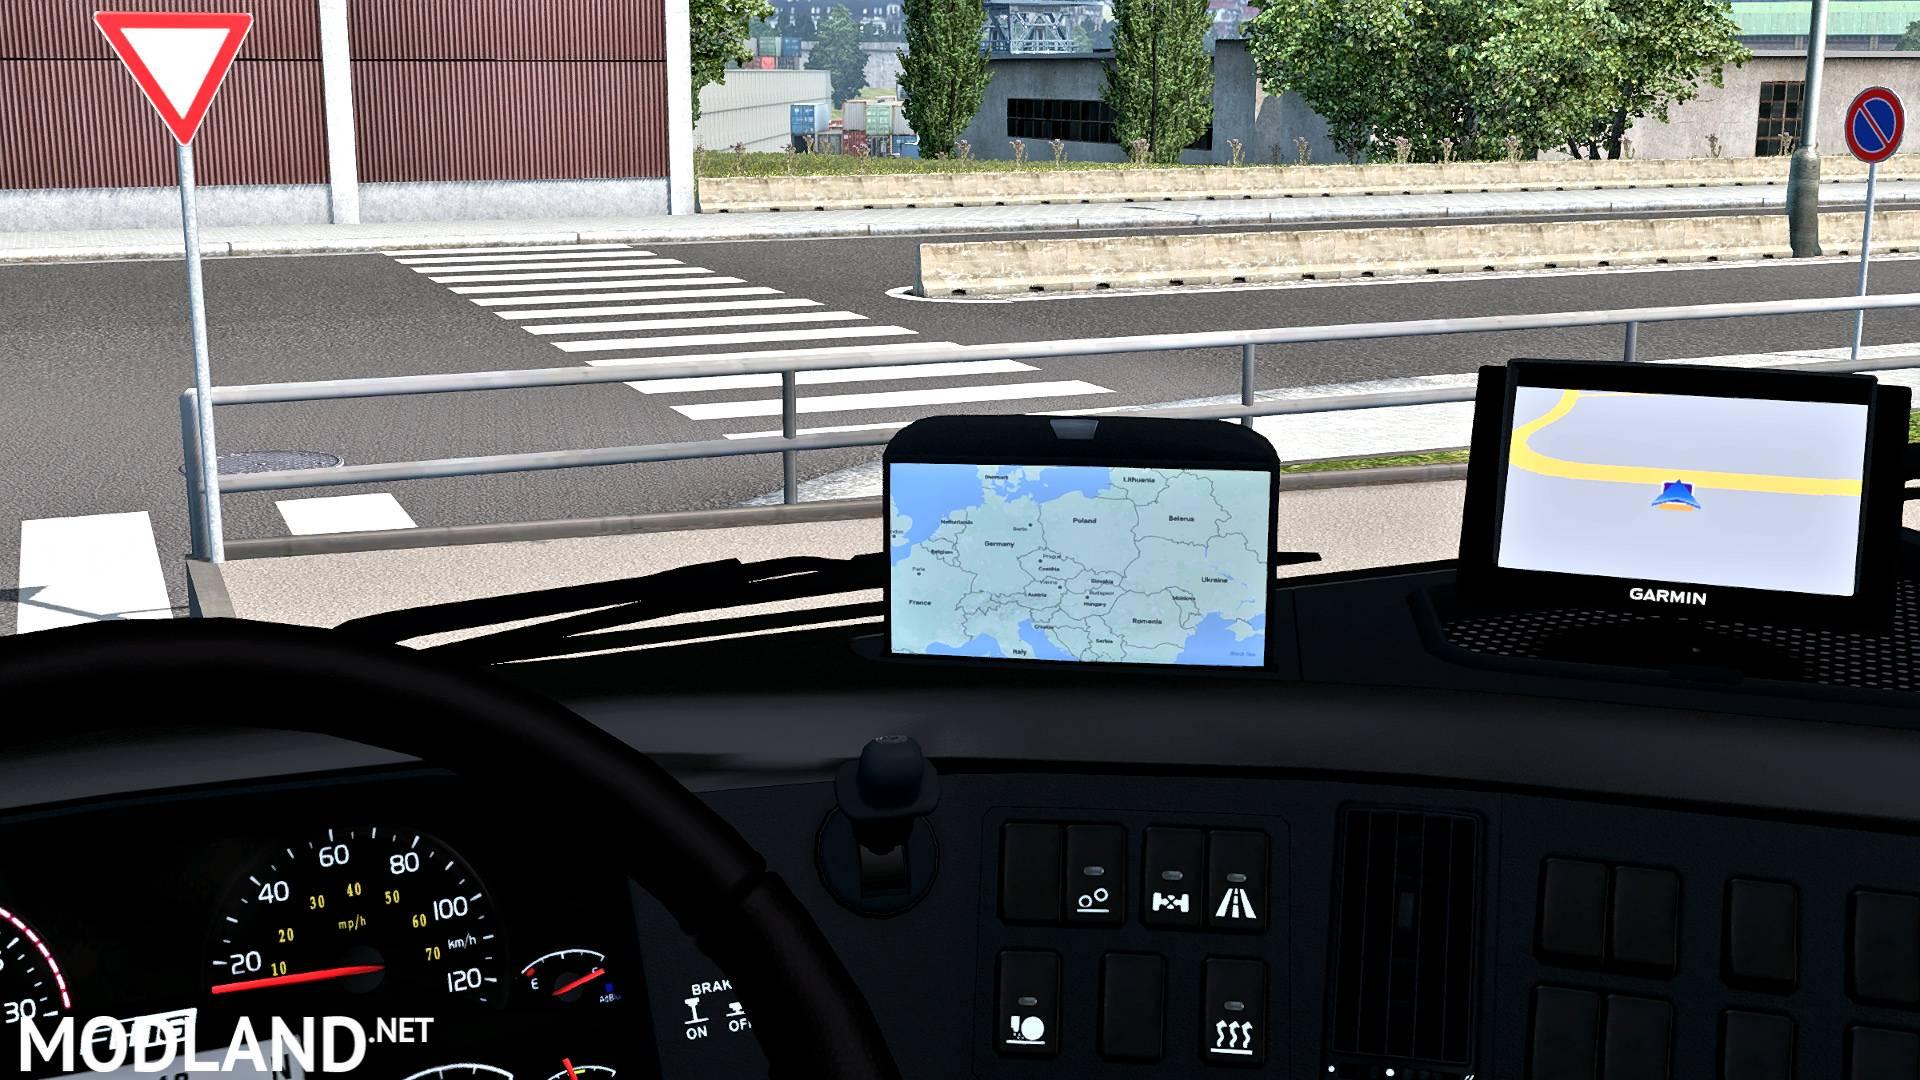 Garmin 50lmt Navigator Ver 1 2 Mod For Ets 2